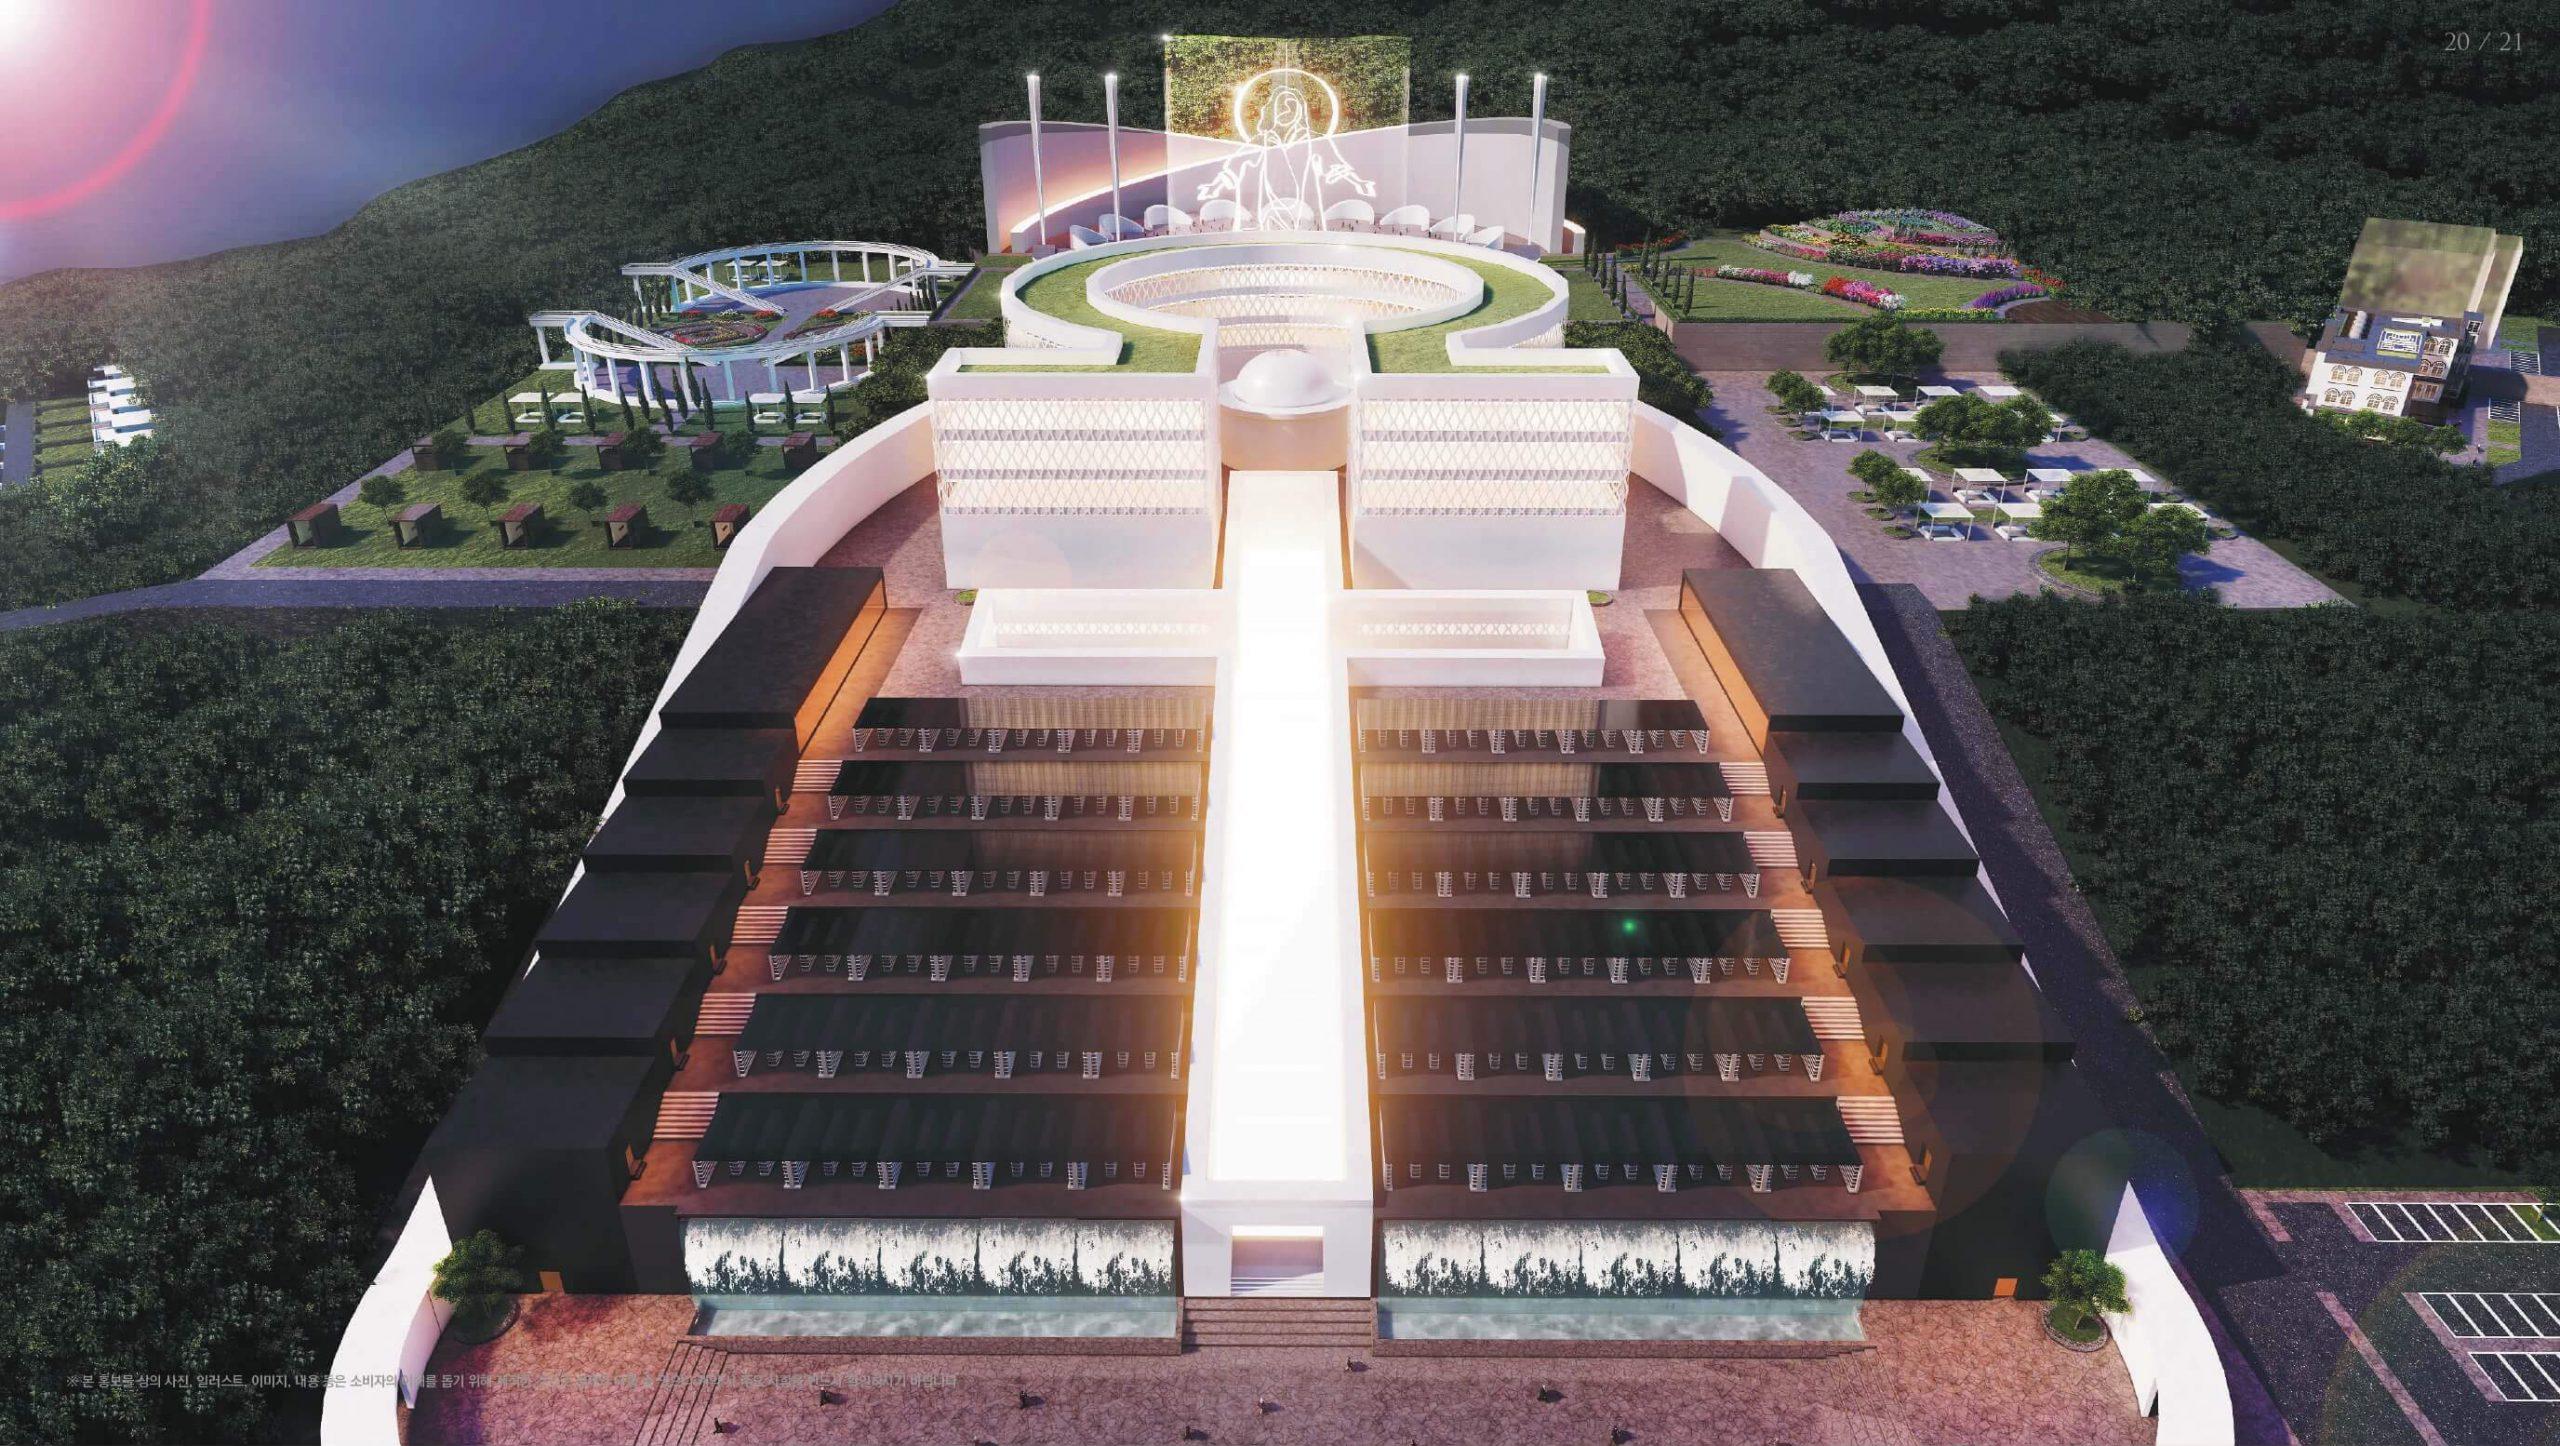 한국기독교성지문화원 예수님의 안식처 이미지 (1)